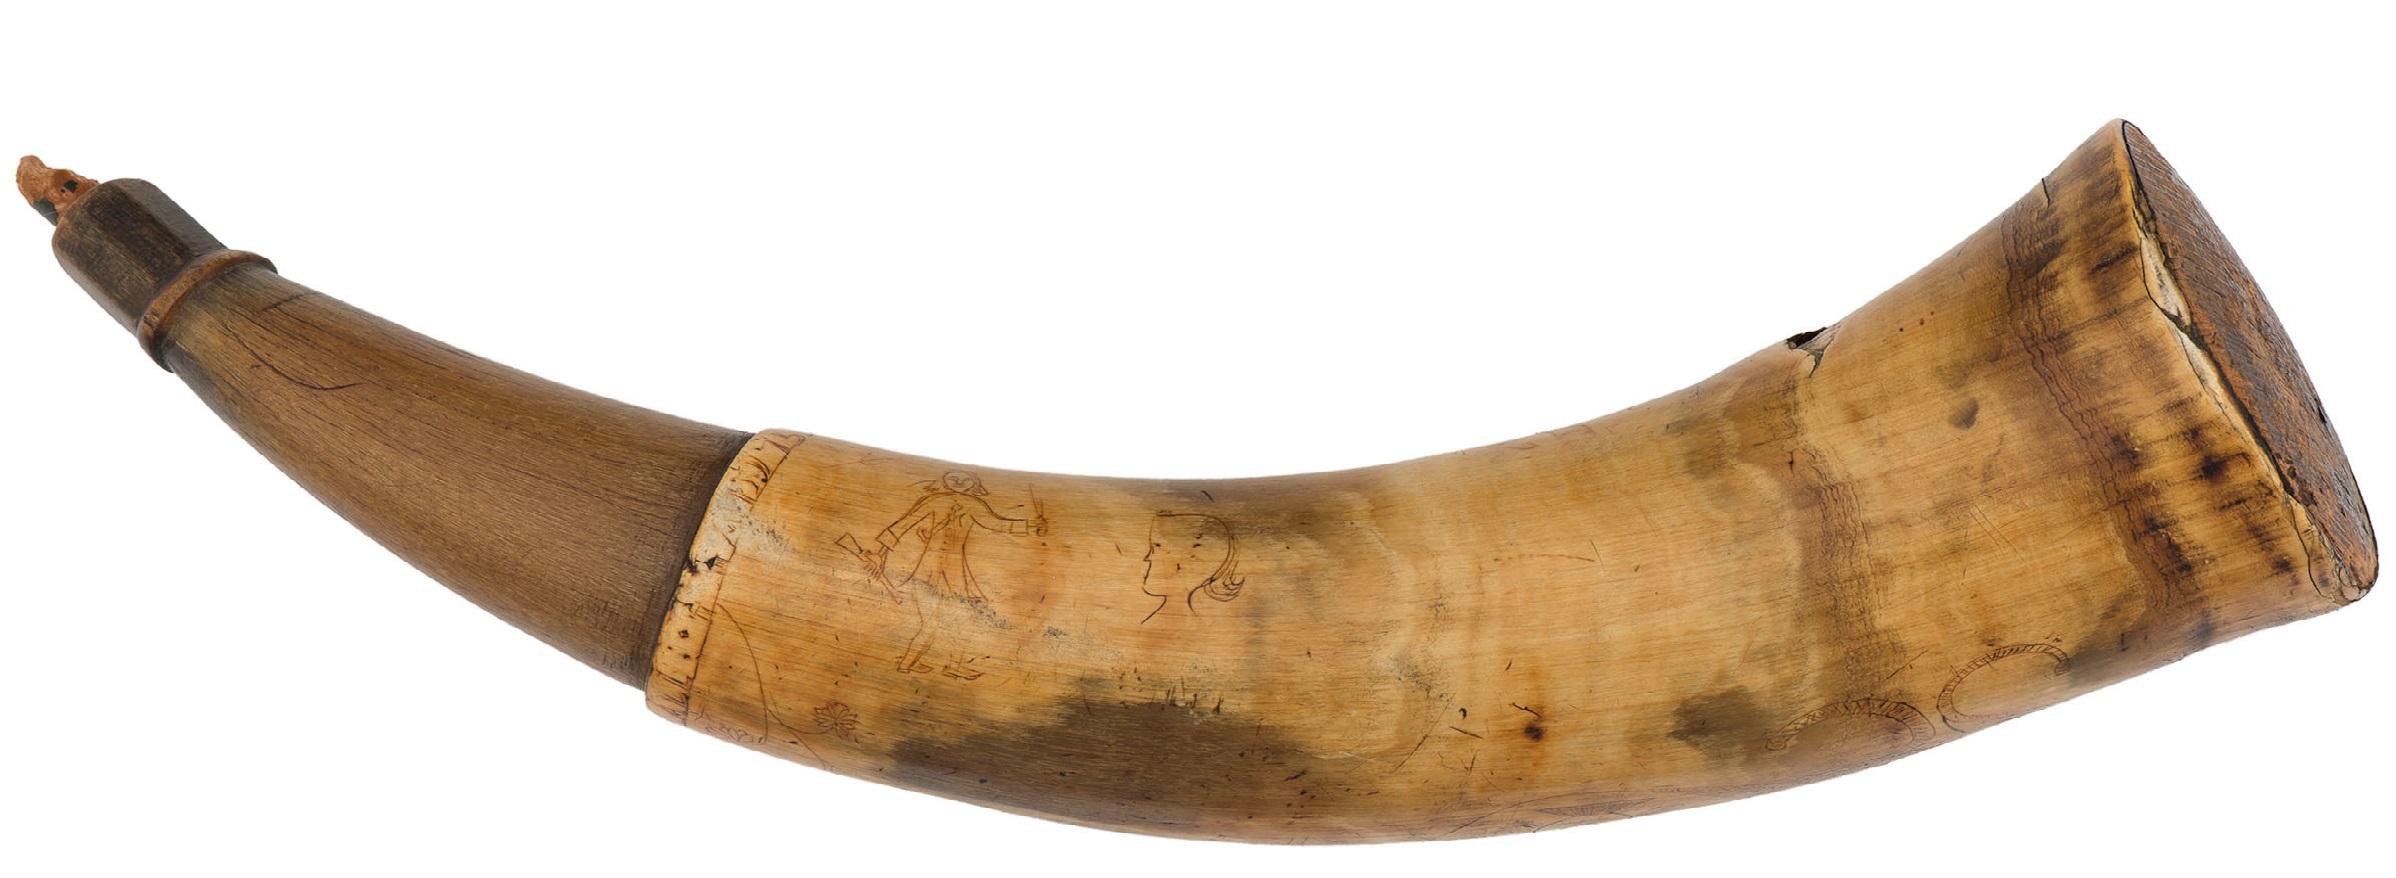 John Call's Horn from 1759